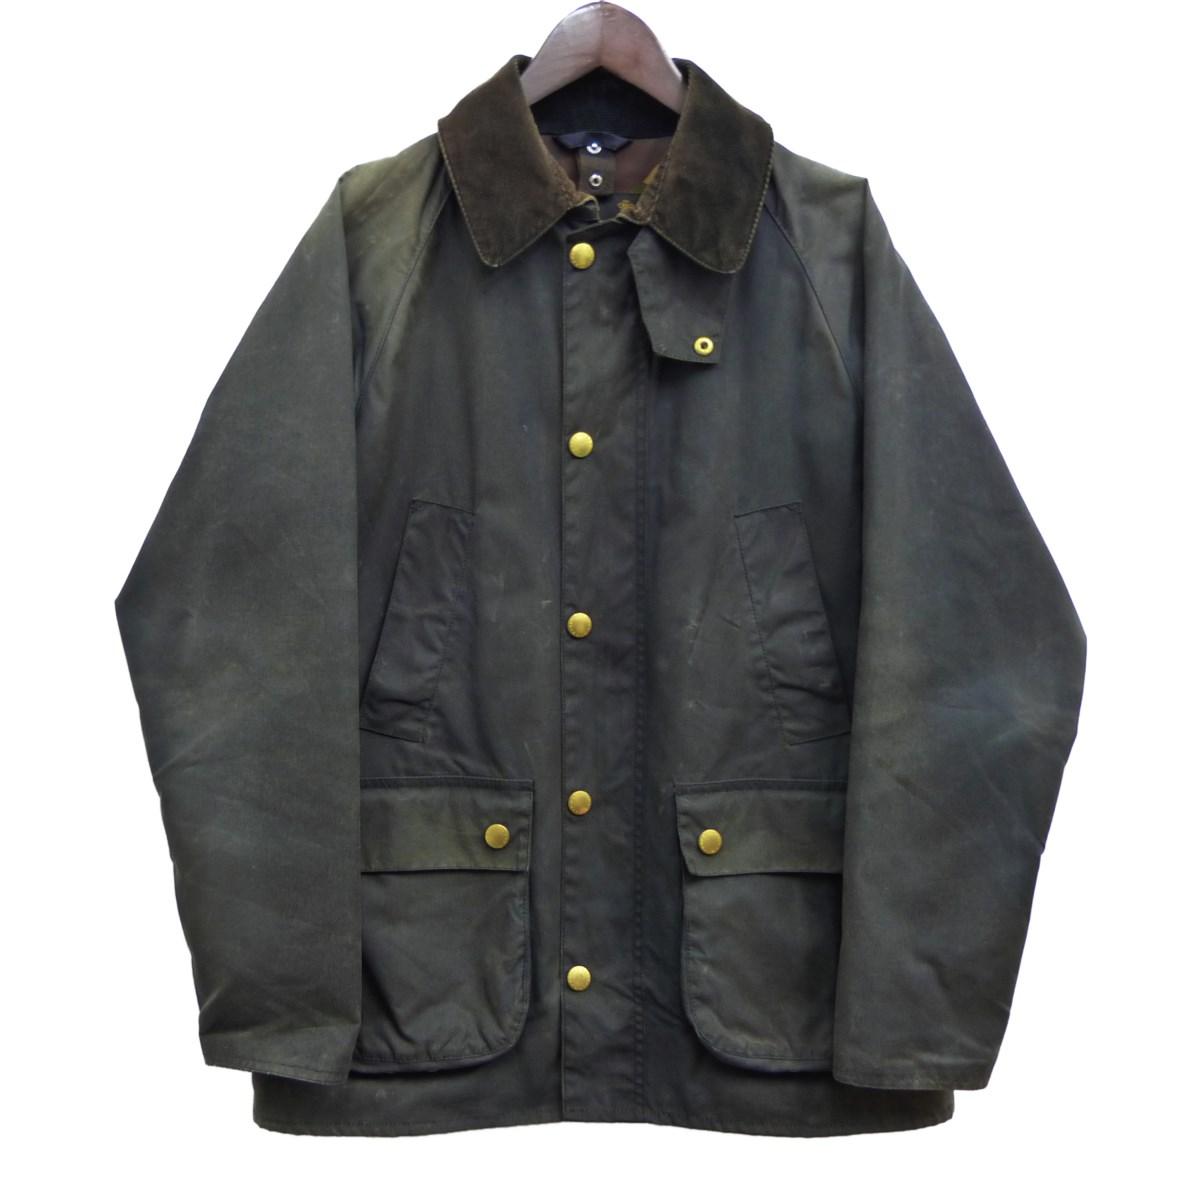 【中古】Barbour オイルドジャケット チャコールグレー サイズ:36 【040420】(バーブアー)